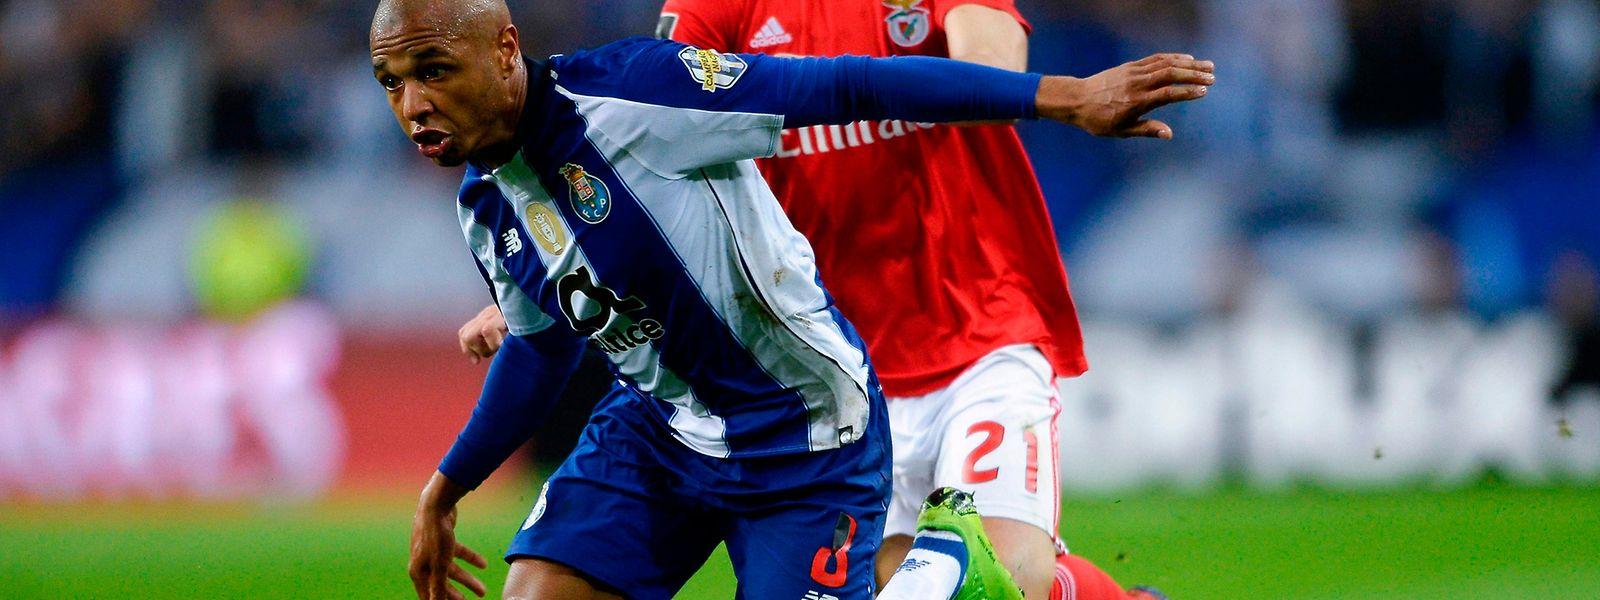 Yacine Brahimi et les Dragons ont marqué un but précieux au Stade Olympique, mais le match retour contre la Roma s'annonce ardu.